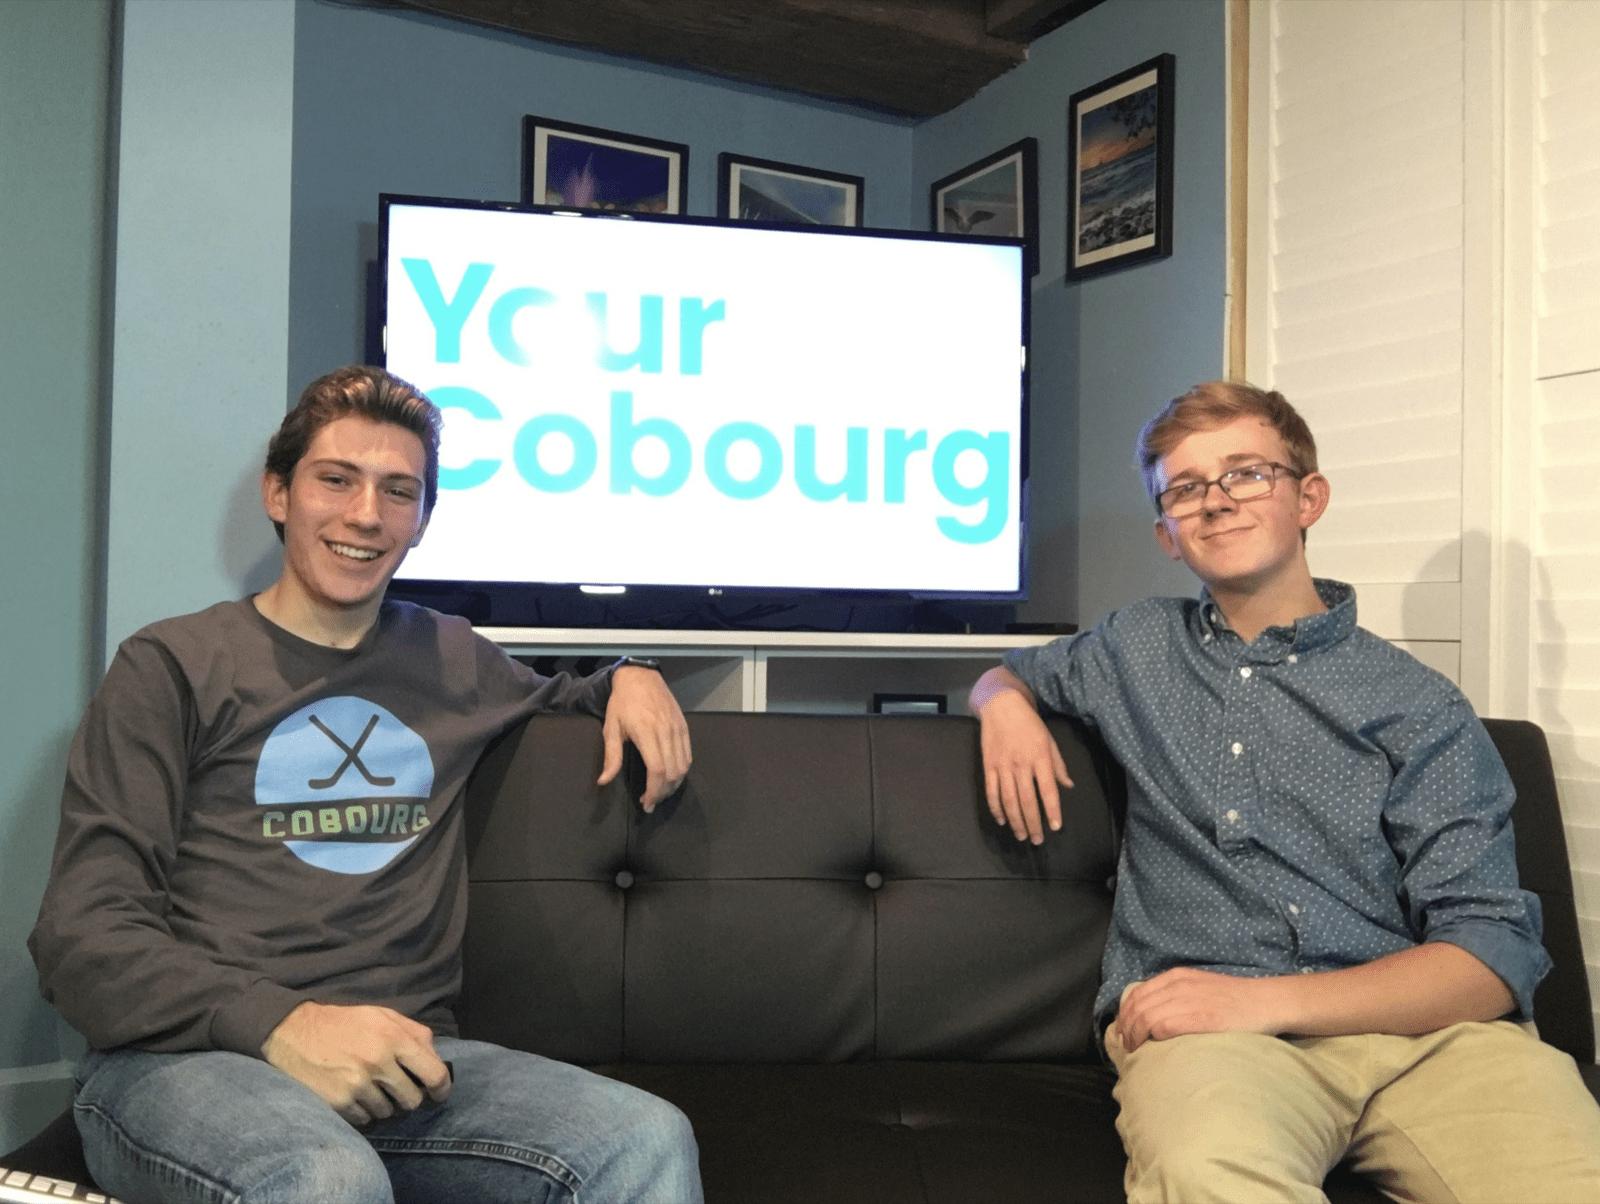 Your Cobourg 7:30pm Thursday!